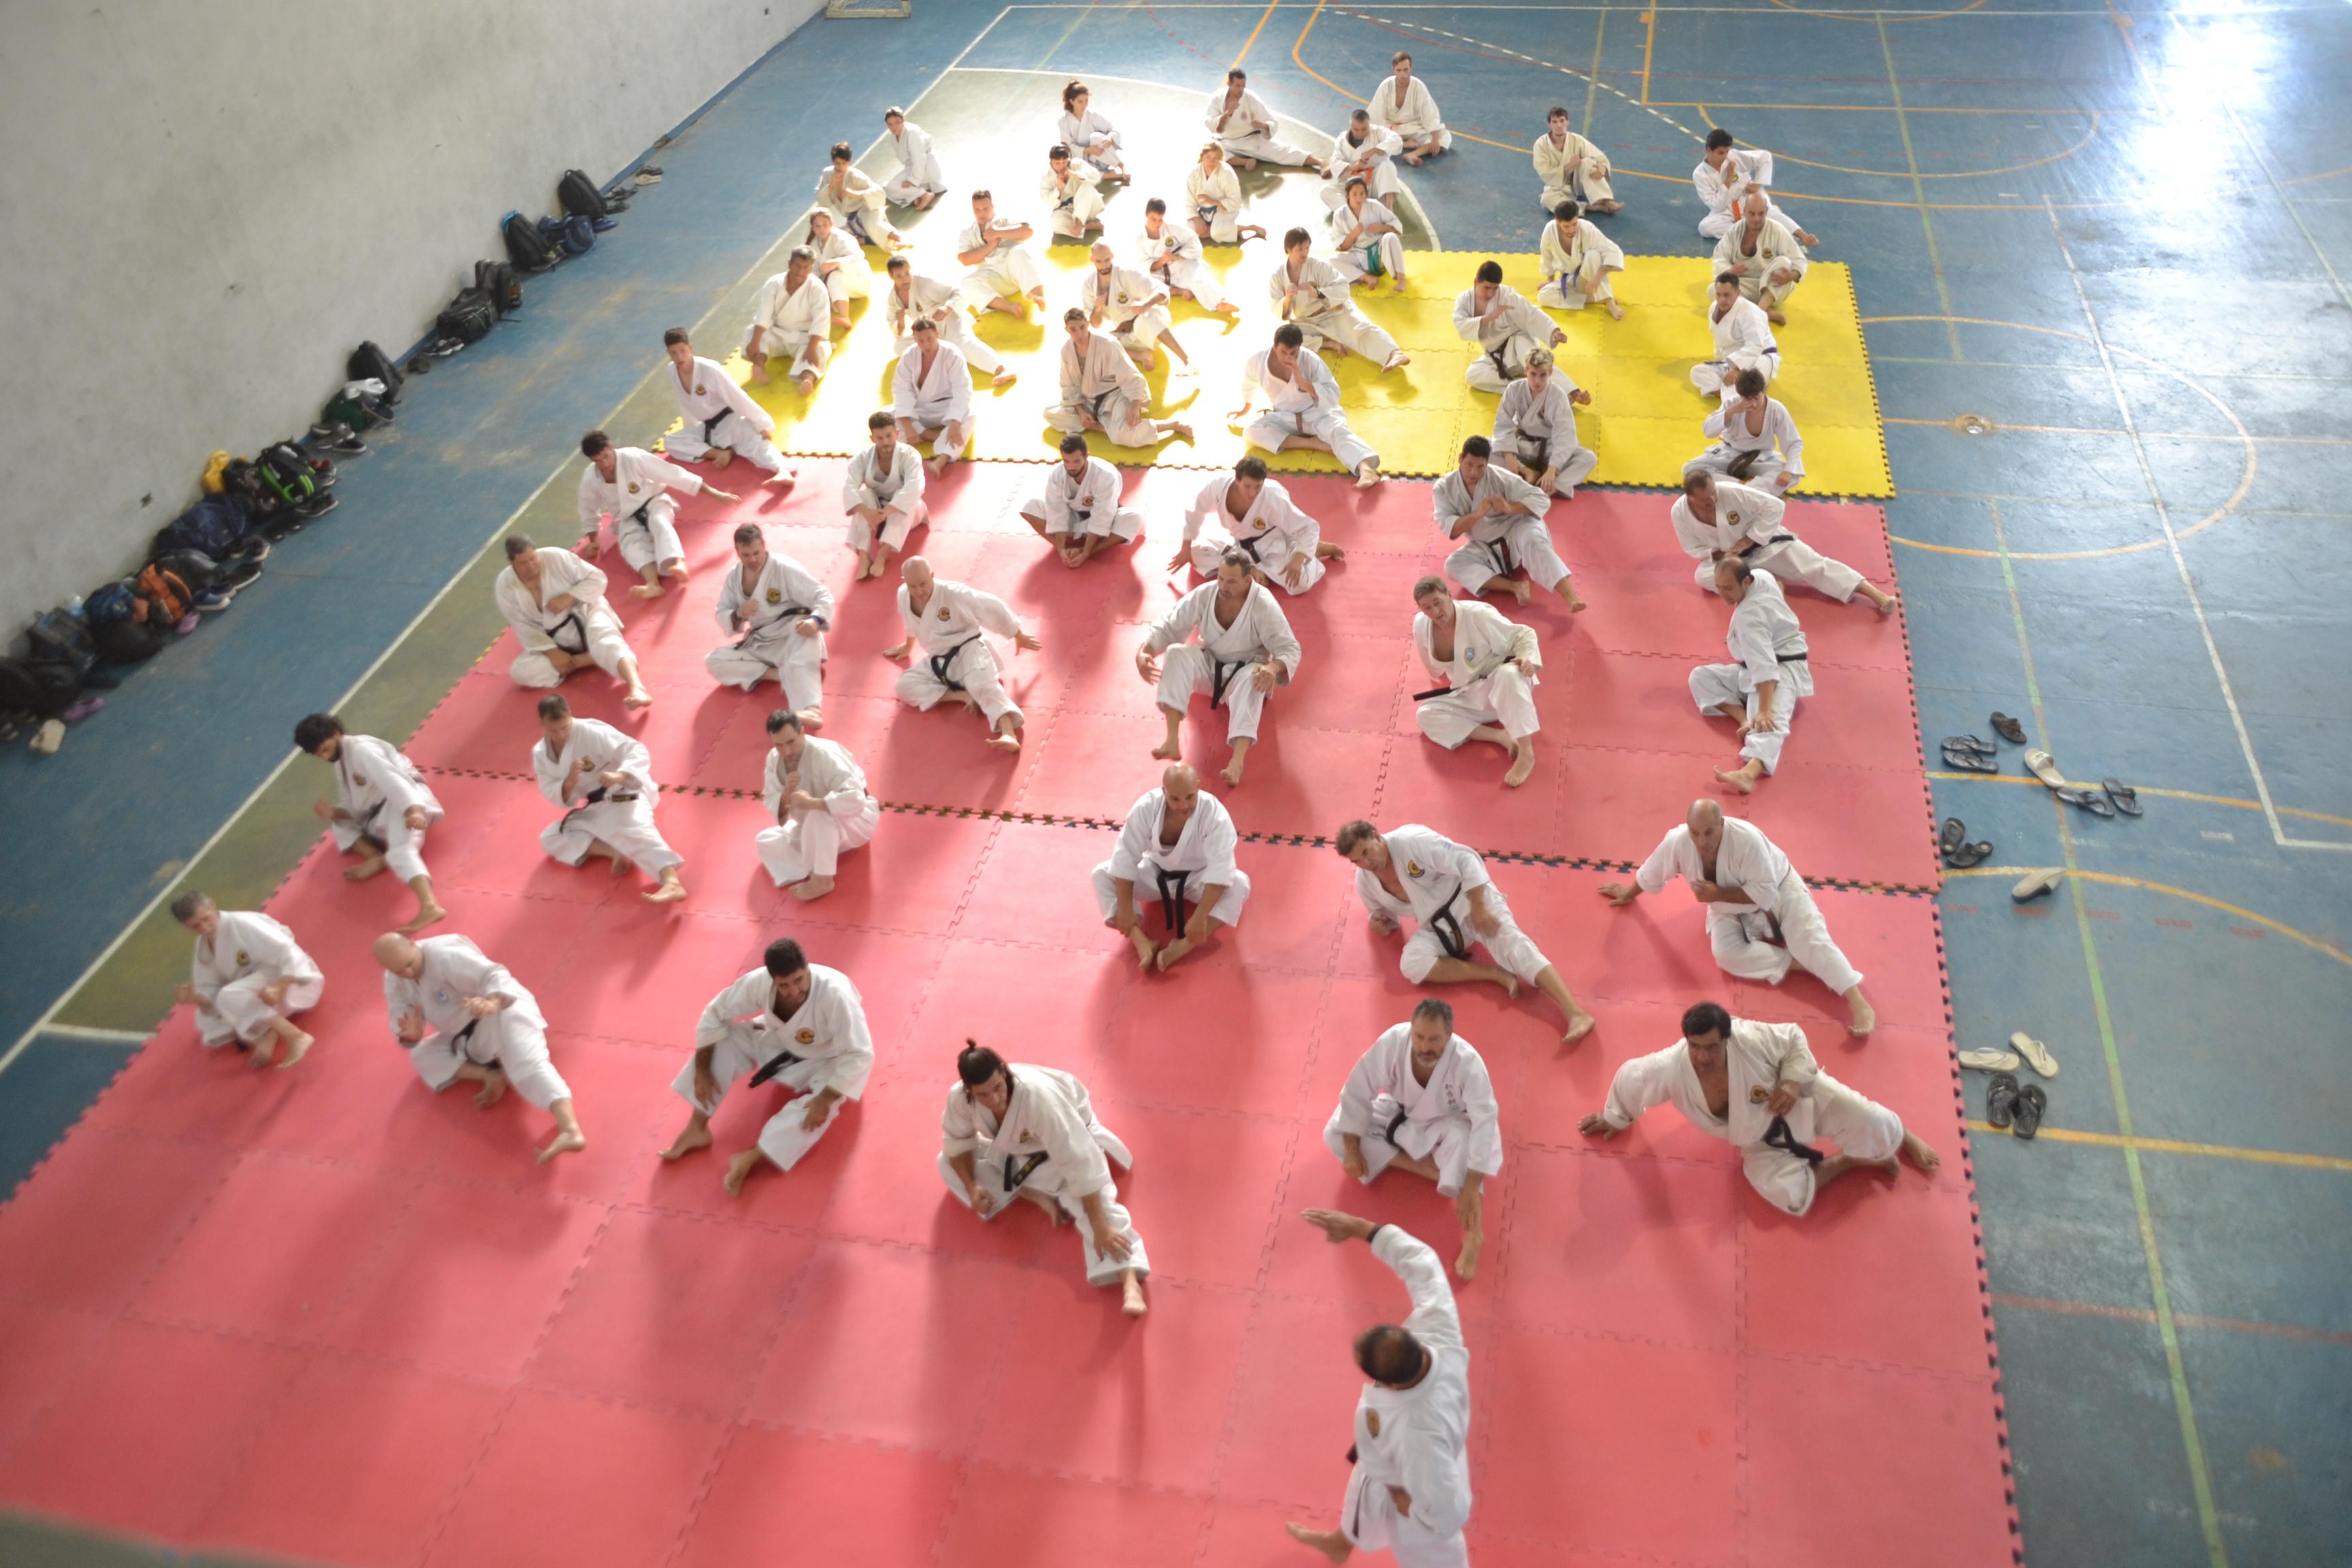 """Este fin de semana se llevó a cabo en las instalaciones del Gimnasio Municipal """"Mariano Freyre"""" un encuentro denominado """"Okinawa Goyu-Riu Karate Do Kyokai"""" (OGKK), donde se encontraron diferentes escuelas y estilos de esta disciplina tanto de Berisso como de La Plata."""